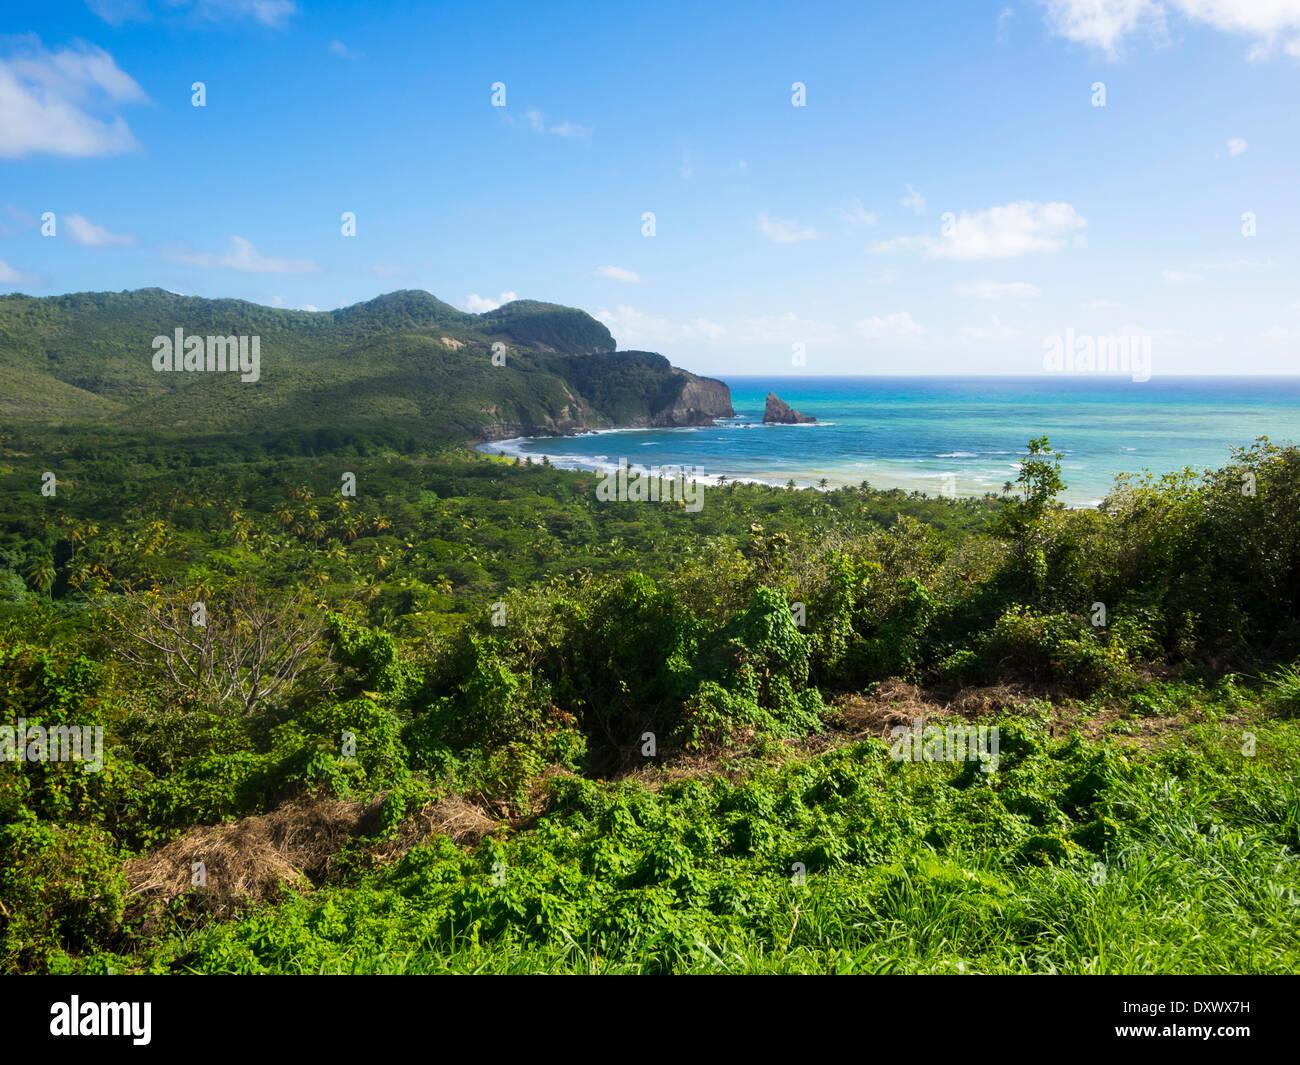 Fond d'Or, près de la baie de Castries Dennery, trimestre, Sainte-Lucie, îles du Vent, Petites Antilles Photo Stock